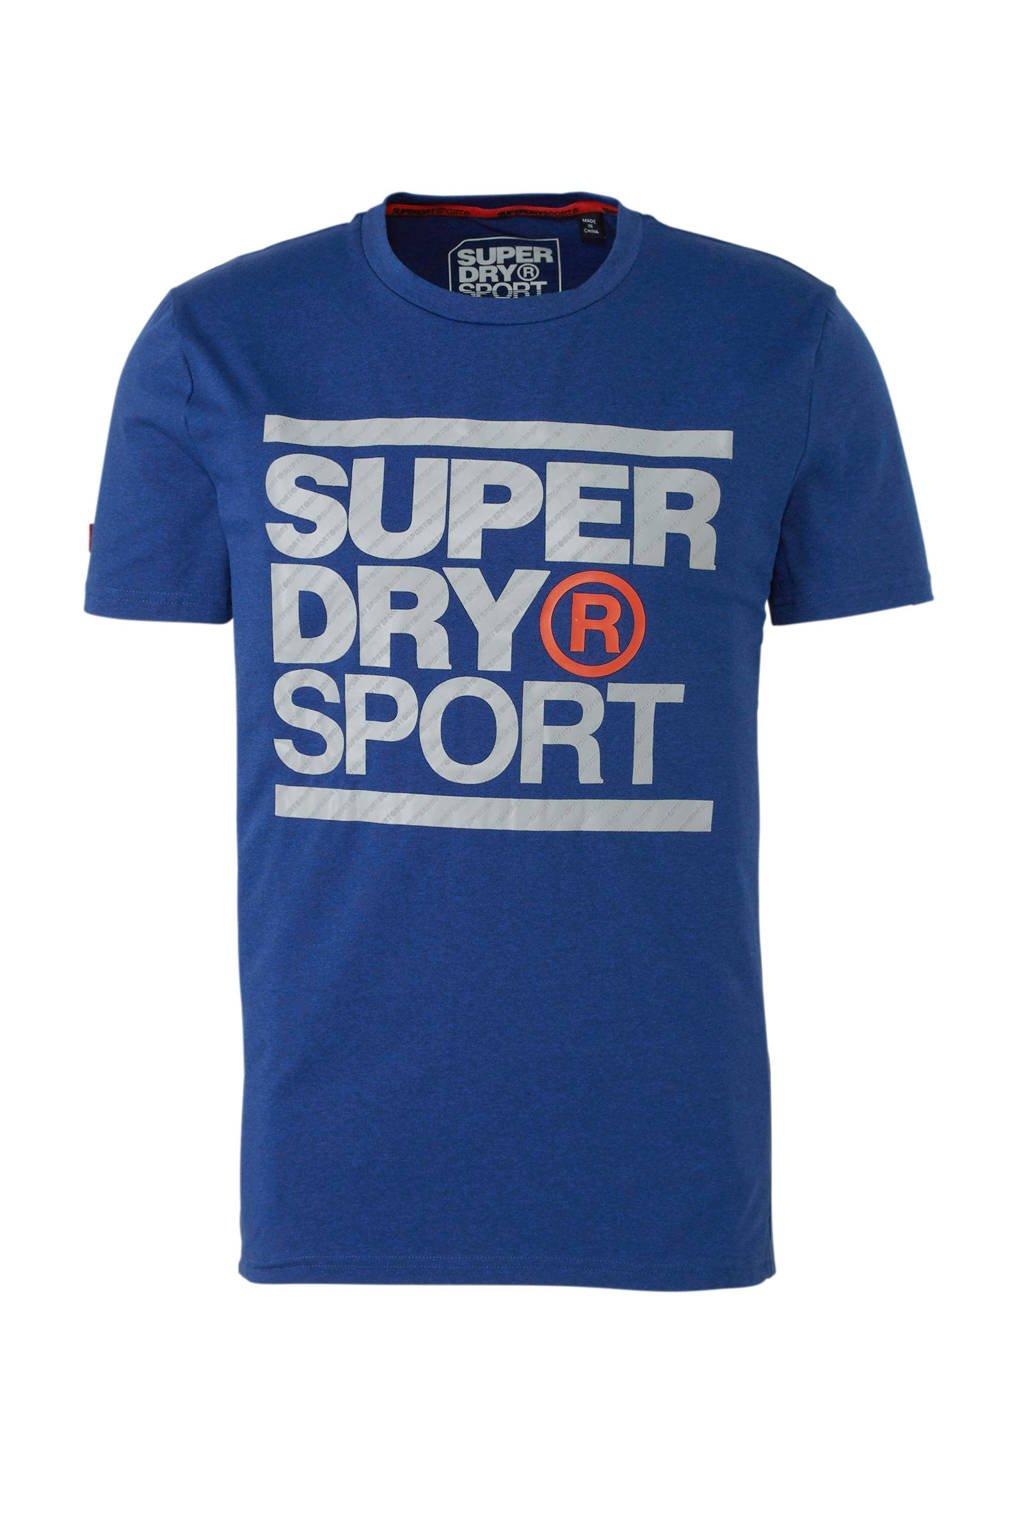 exclusief assortiment knap kwaliteitsproducten sport T-shirt met printopdruk blauw/grijs/oranje